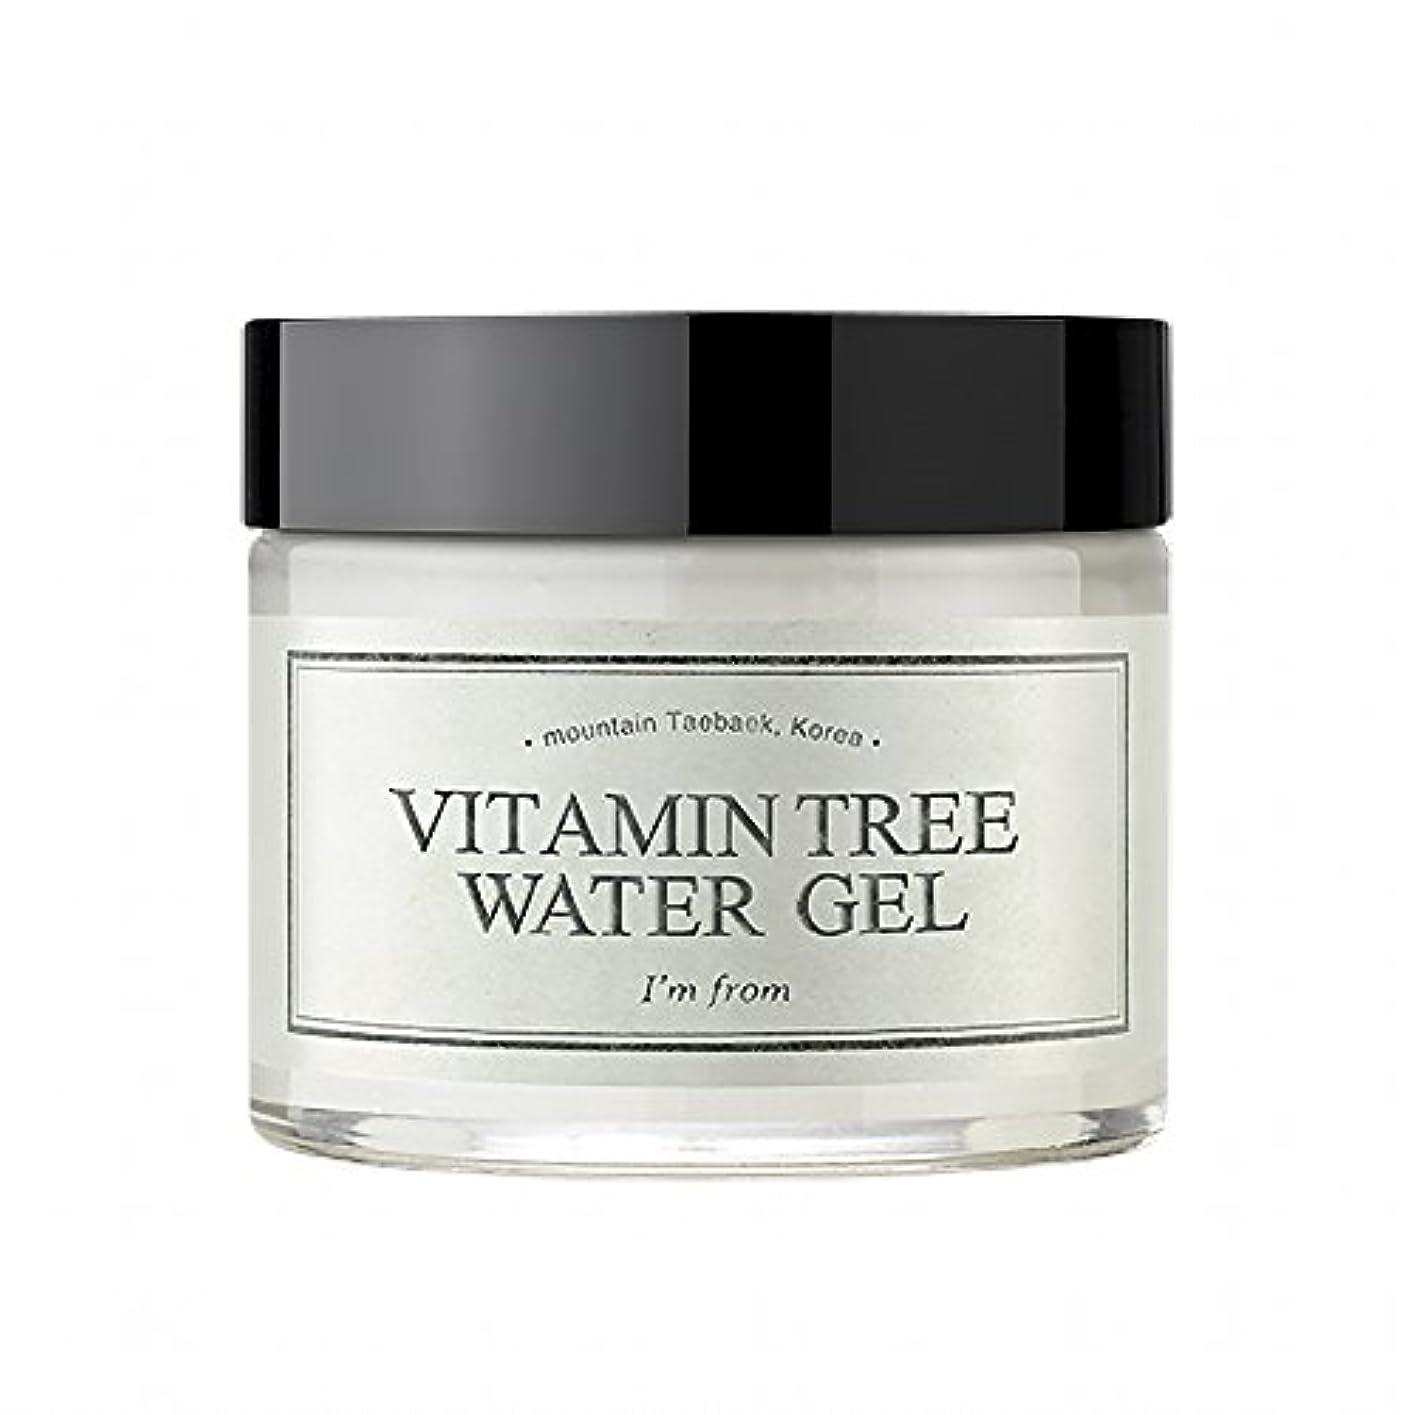 刺激する着飾るソフィー[I'M FROM] Vitamin Tree Watergel [並行輸入品]